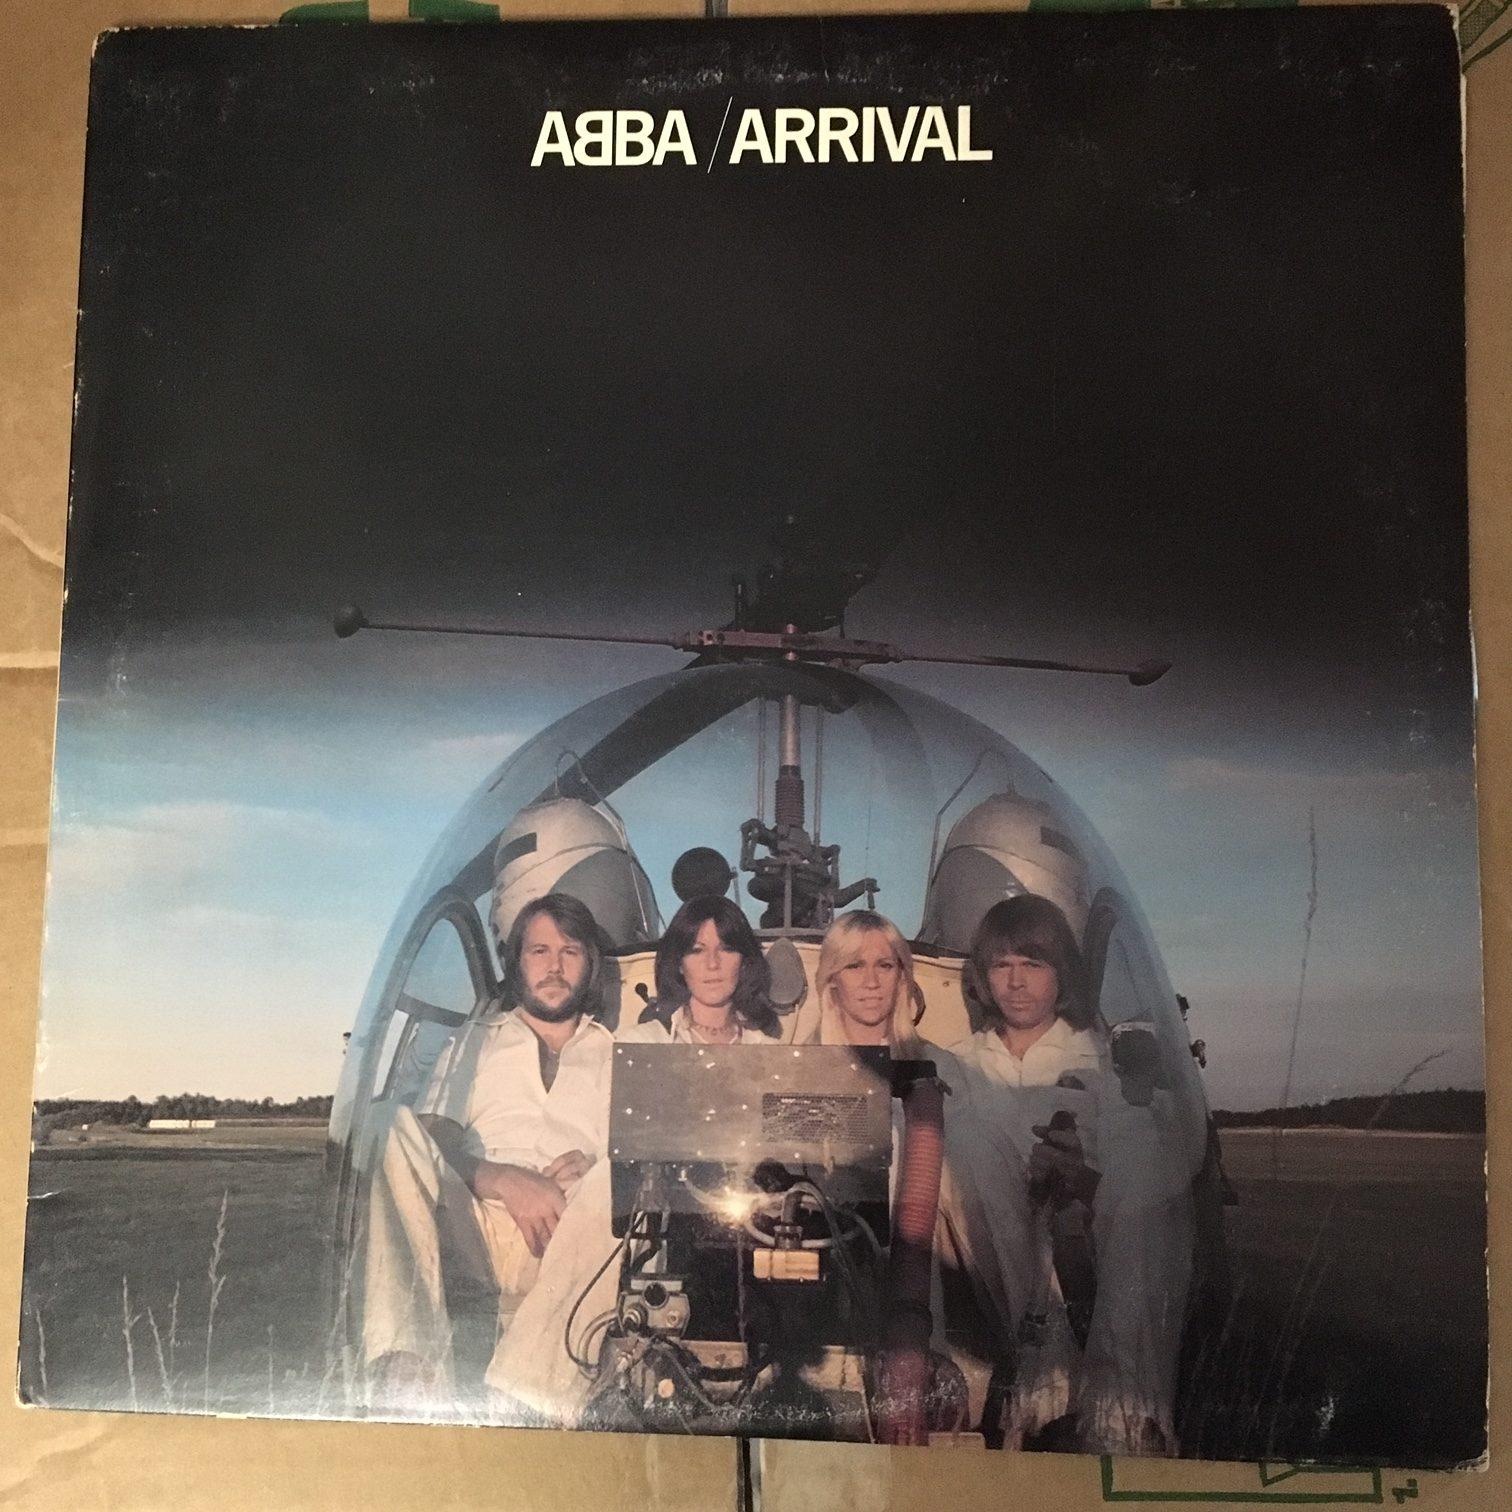 ABBA Arrival album cover